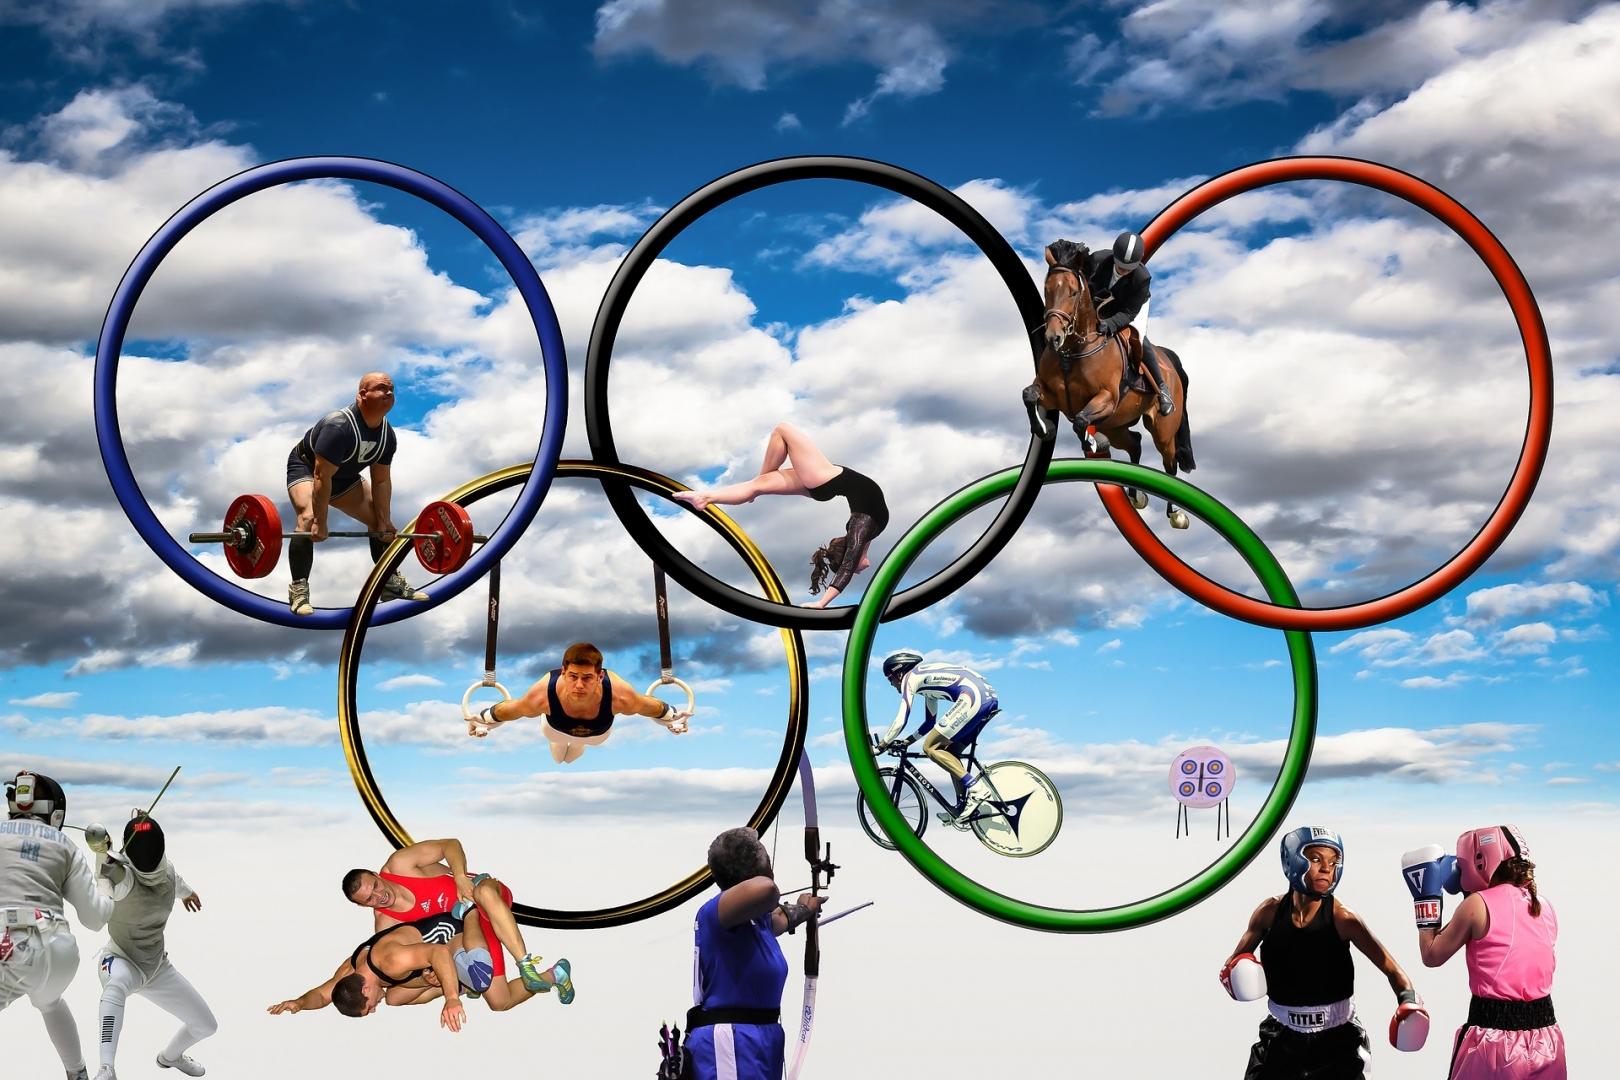 олимпийские резервы фотоколлаж через сто